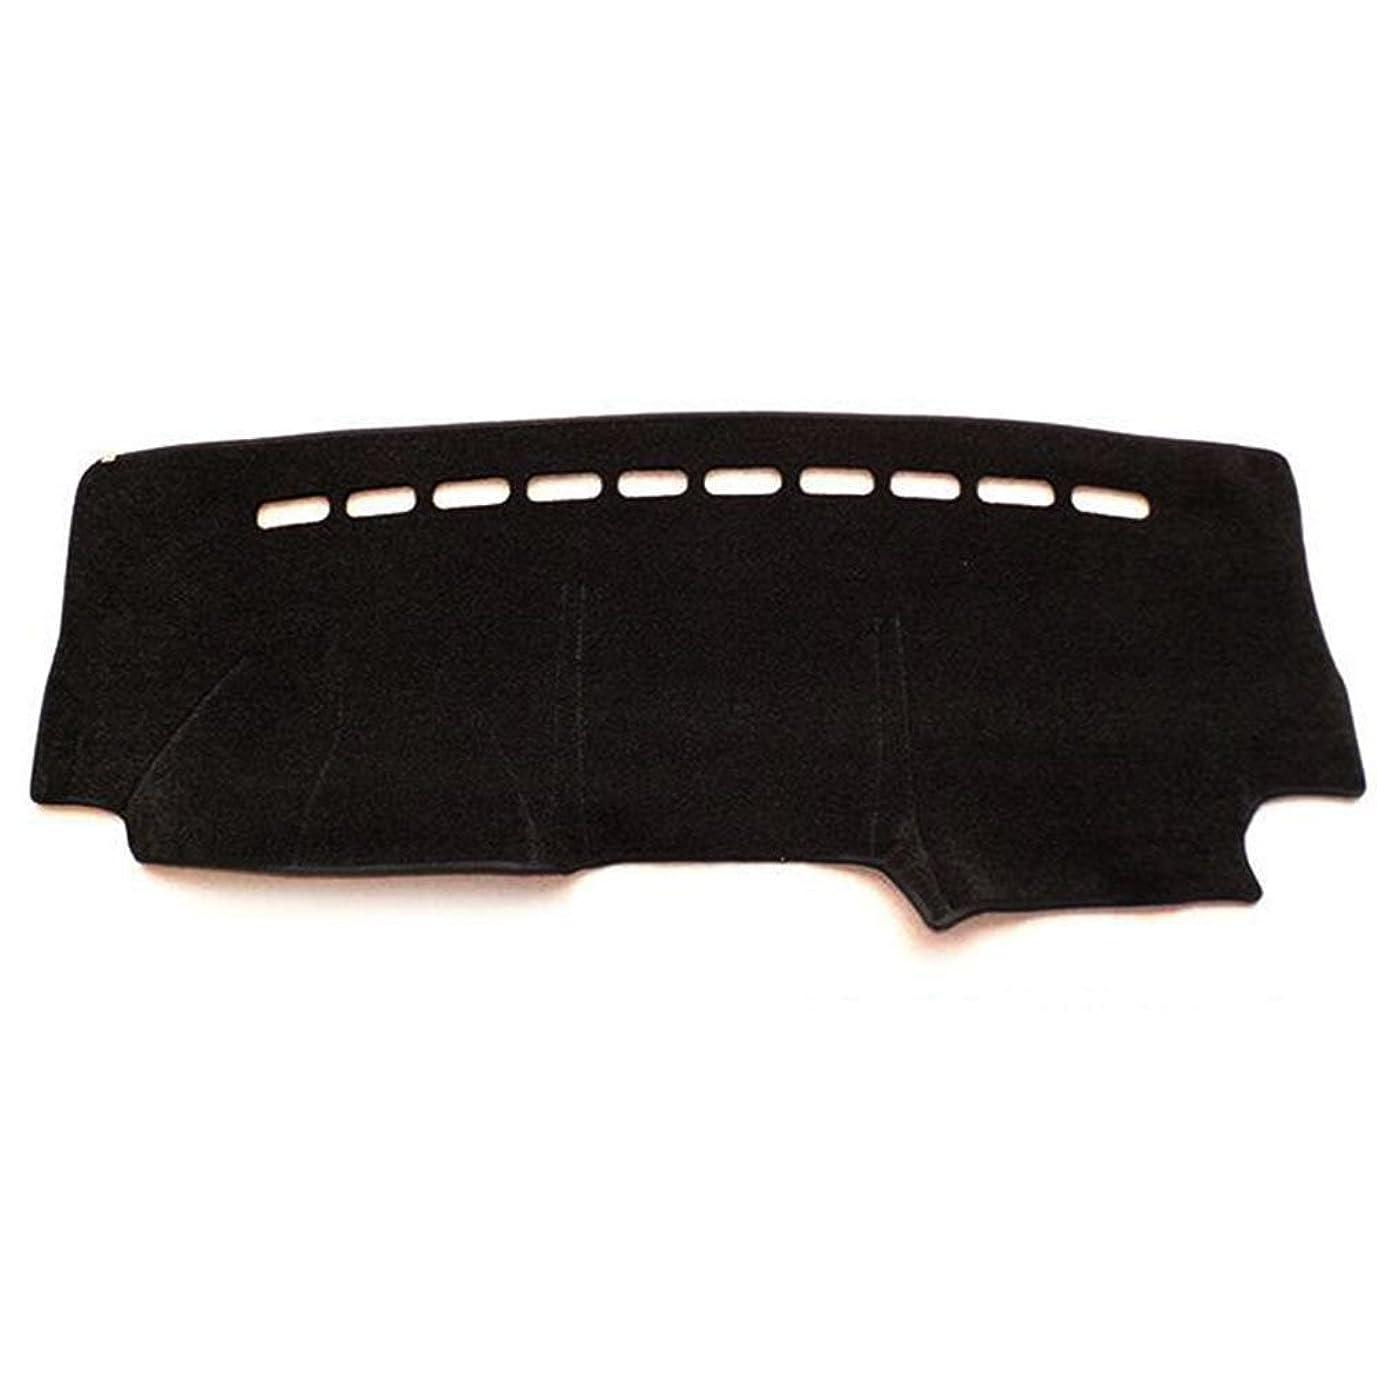 一般的に遺体安置所トレードJicorzo - For 1998-2017 Suzuki Jimny Dashboard Cover Dashmat Dash Mat Pad Sun Shade Carpet Dash Protector Overlays Car Styling Accessories